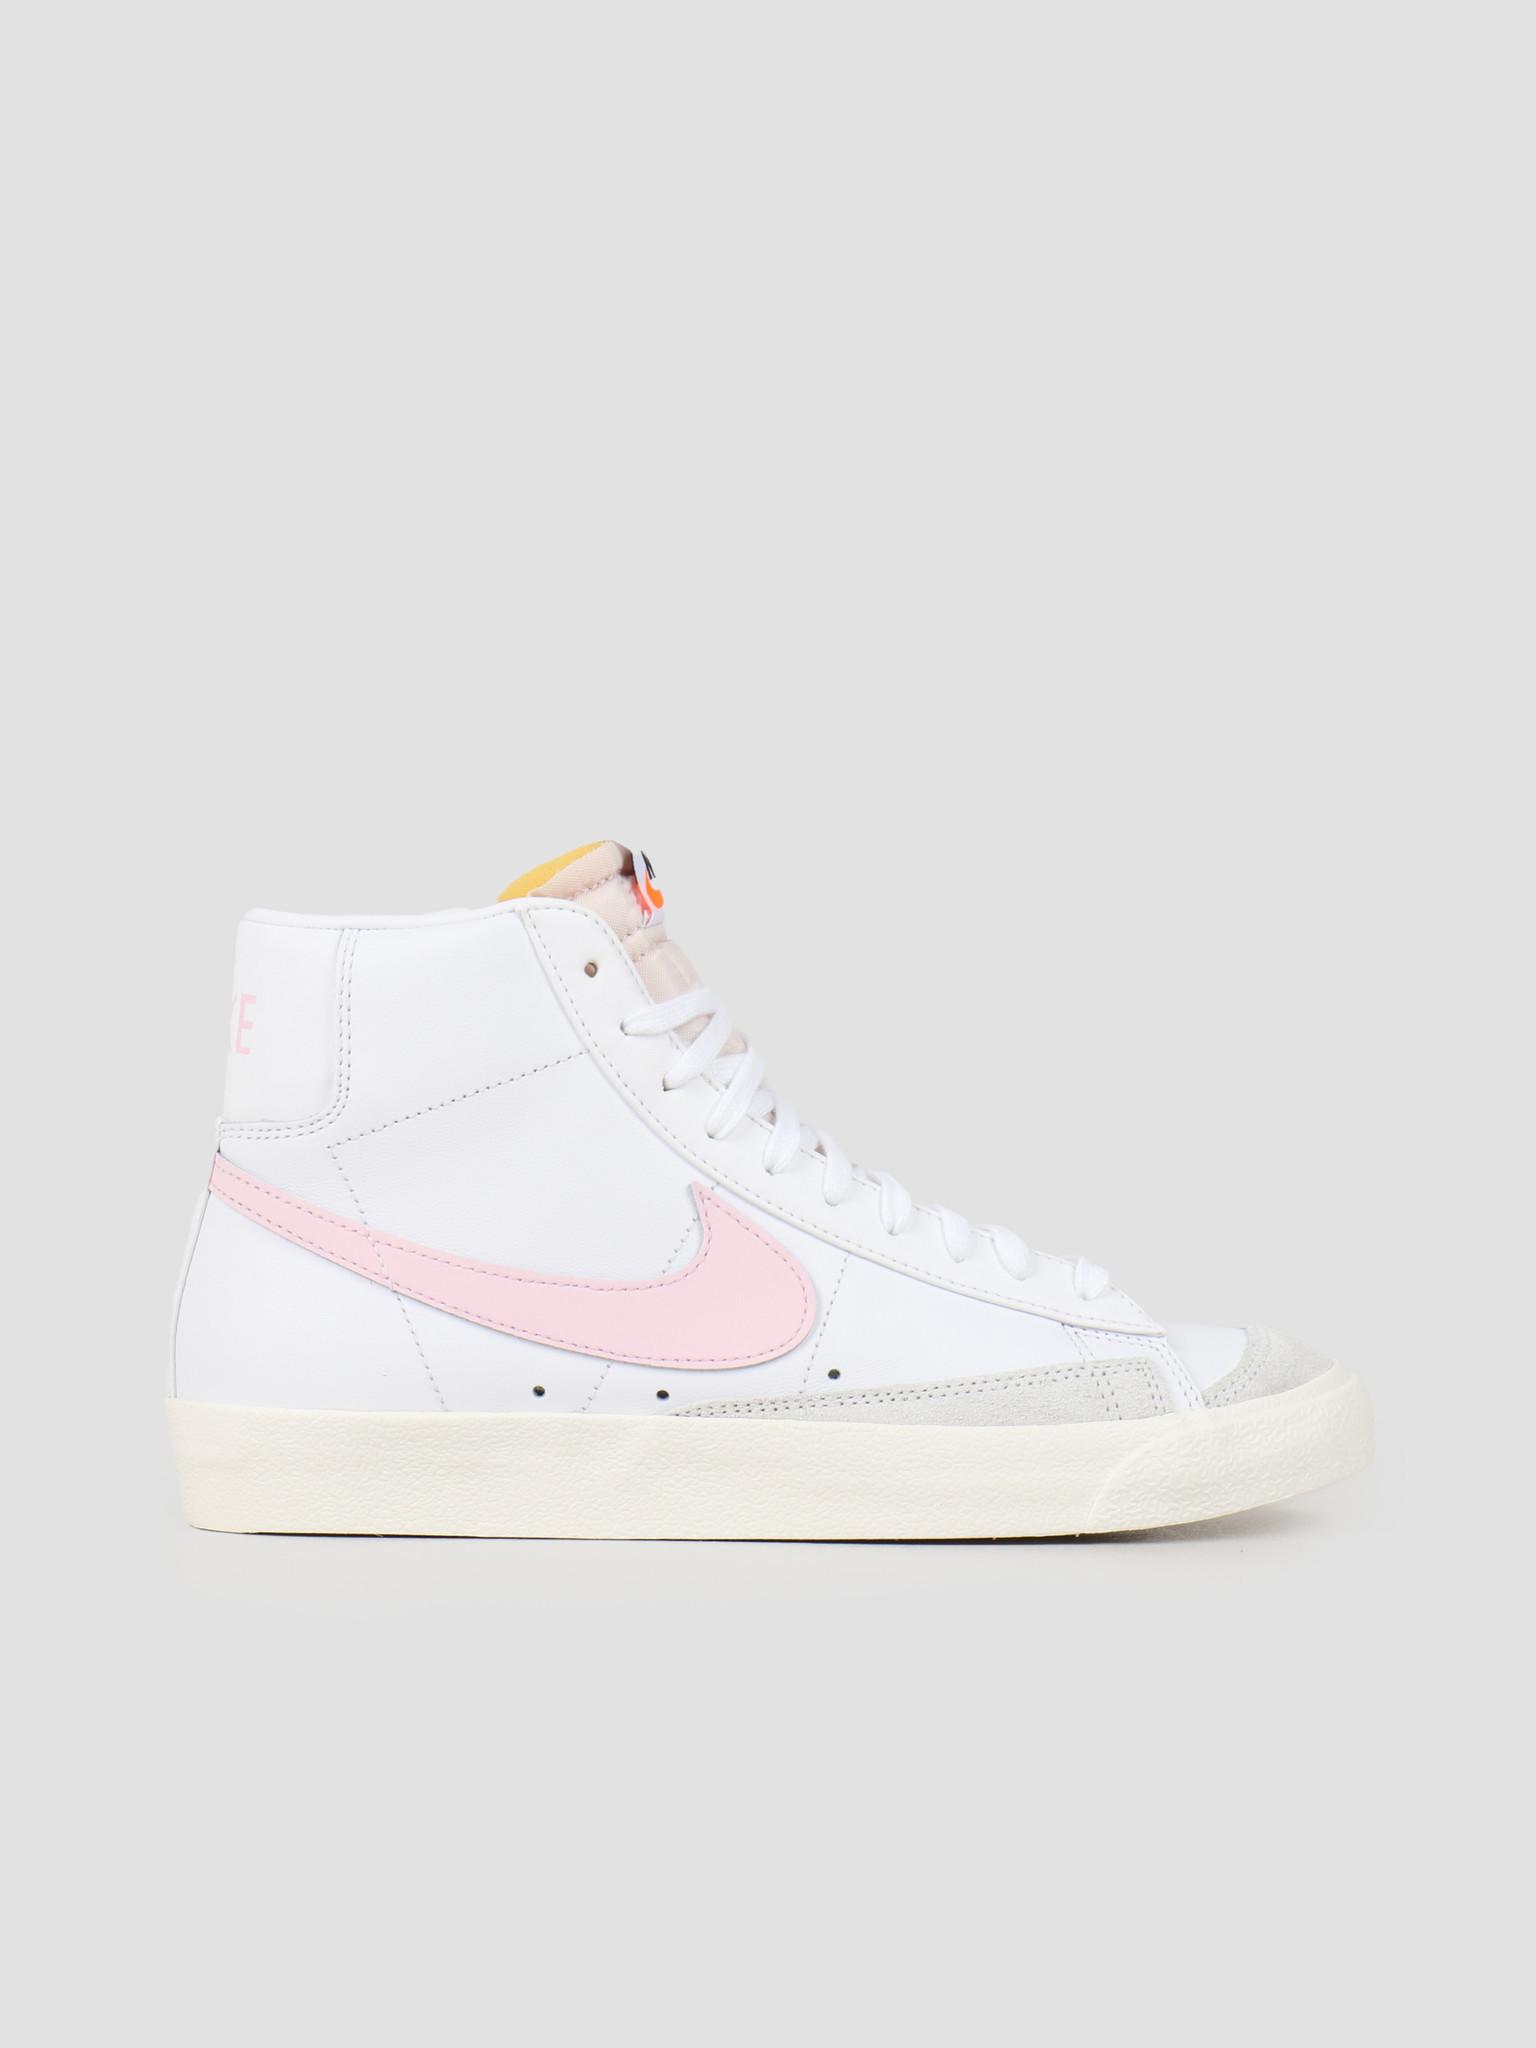 Nike Nike Blazer Mid '77 Vintage White PiFoam-sail BQ6806-108